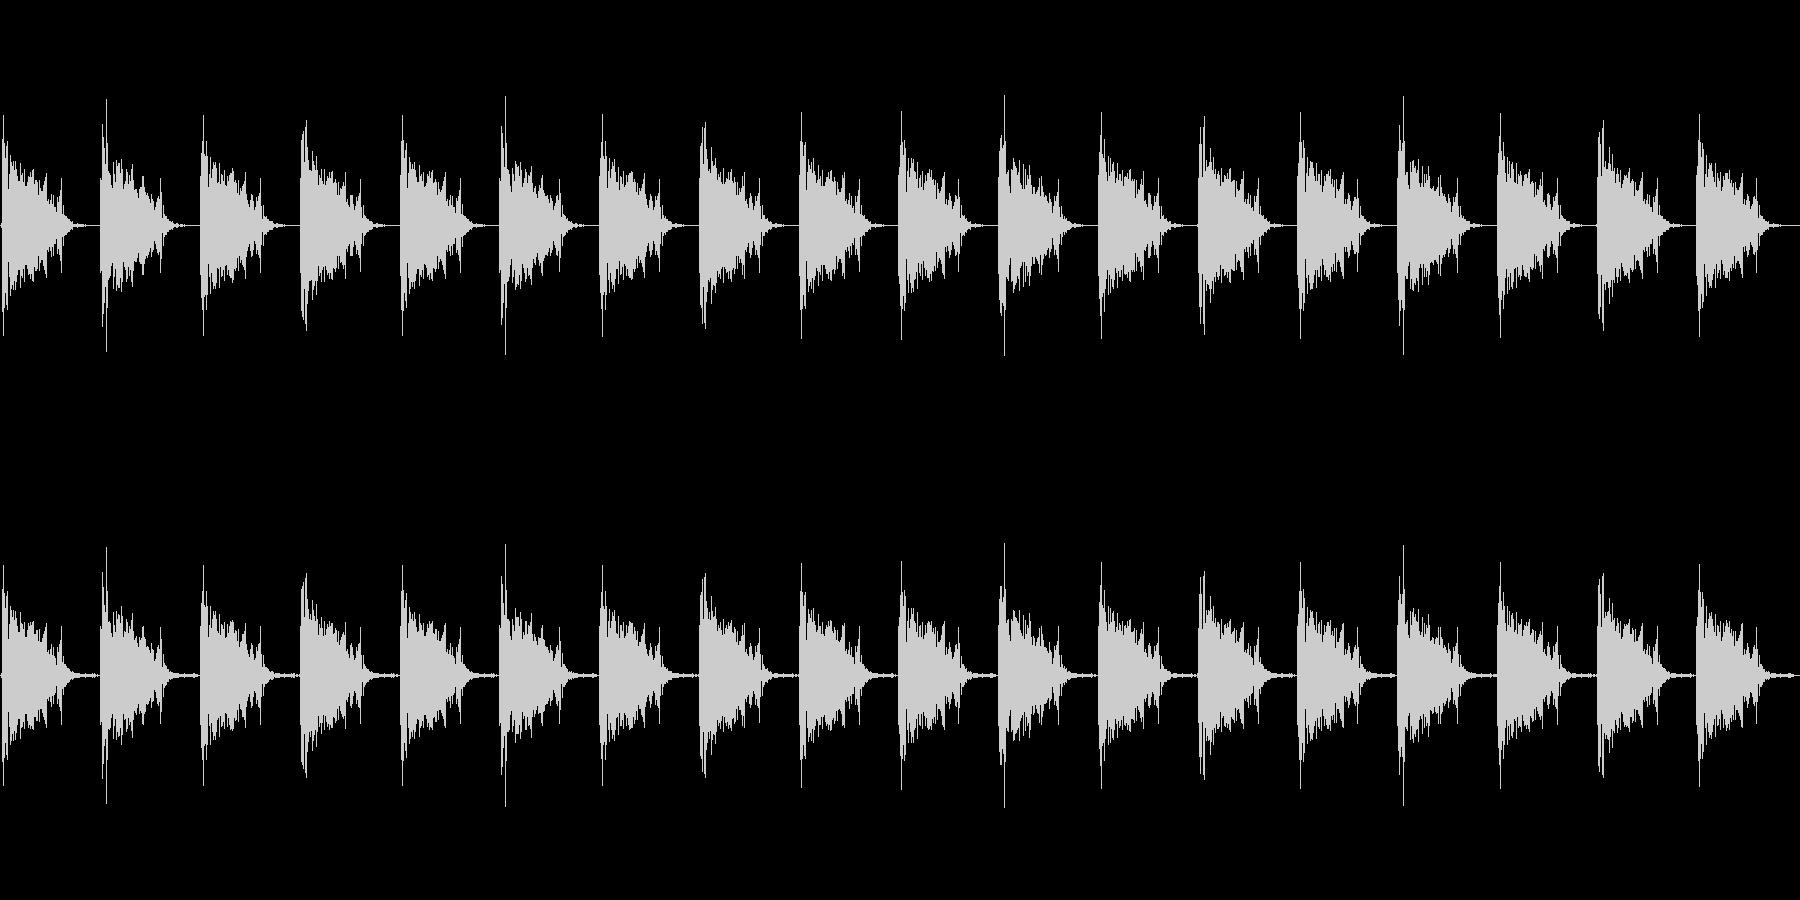 足音 ロボット系 ループも可の未再生の波形